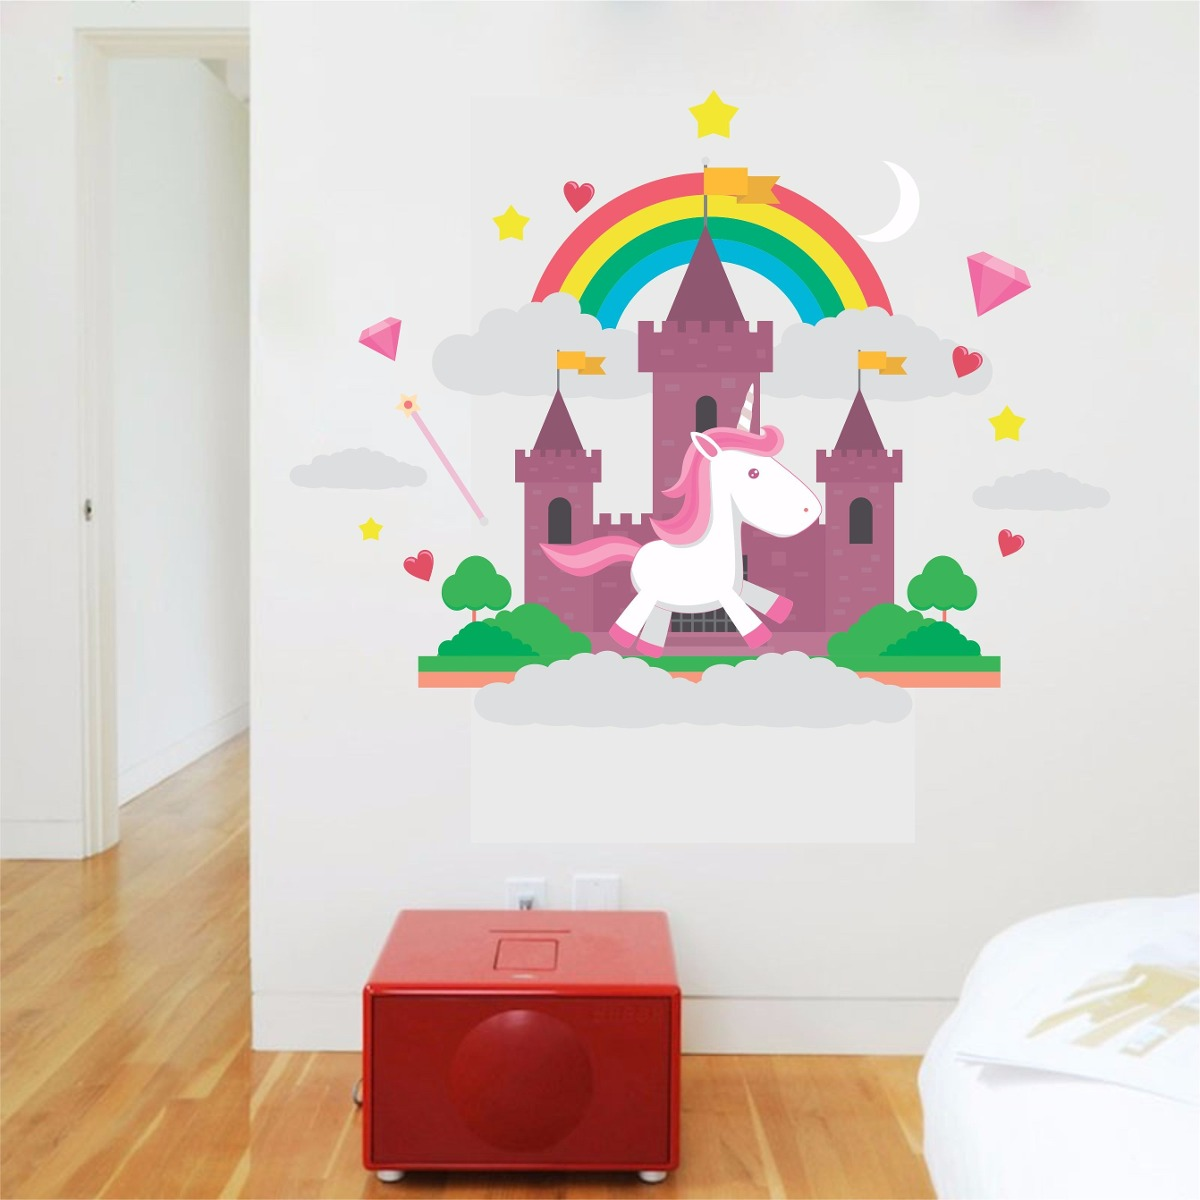 Adesivo De Parede Arvore Infantil ~ Adesivo Parede Animais Quarto Infantil Castelo Unicórnio R$ 49,99 em Mercado Livre